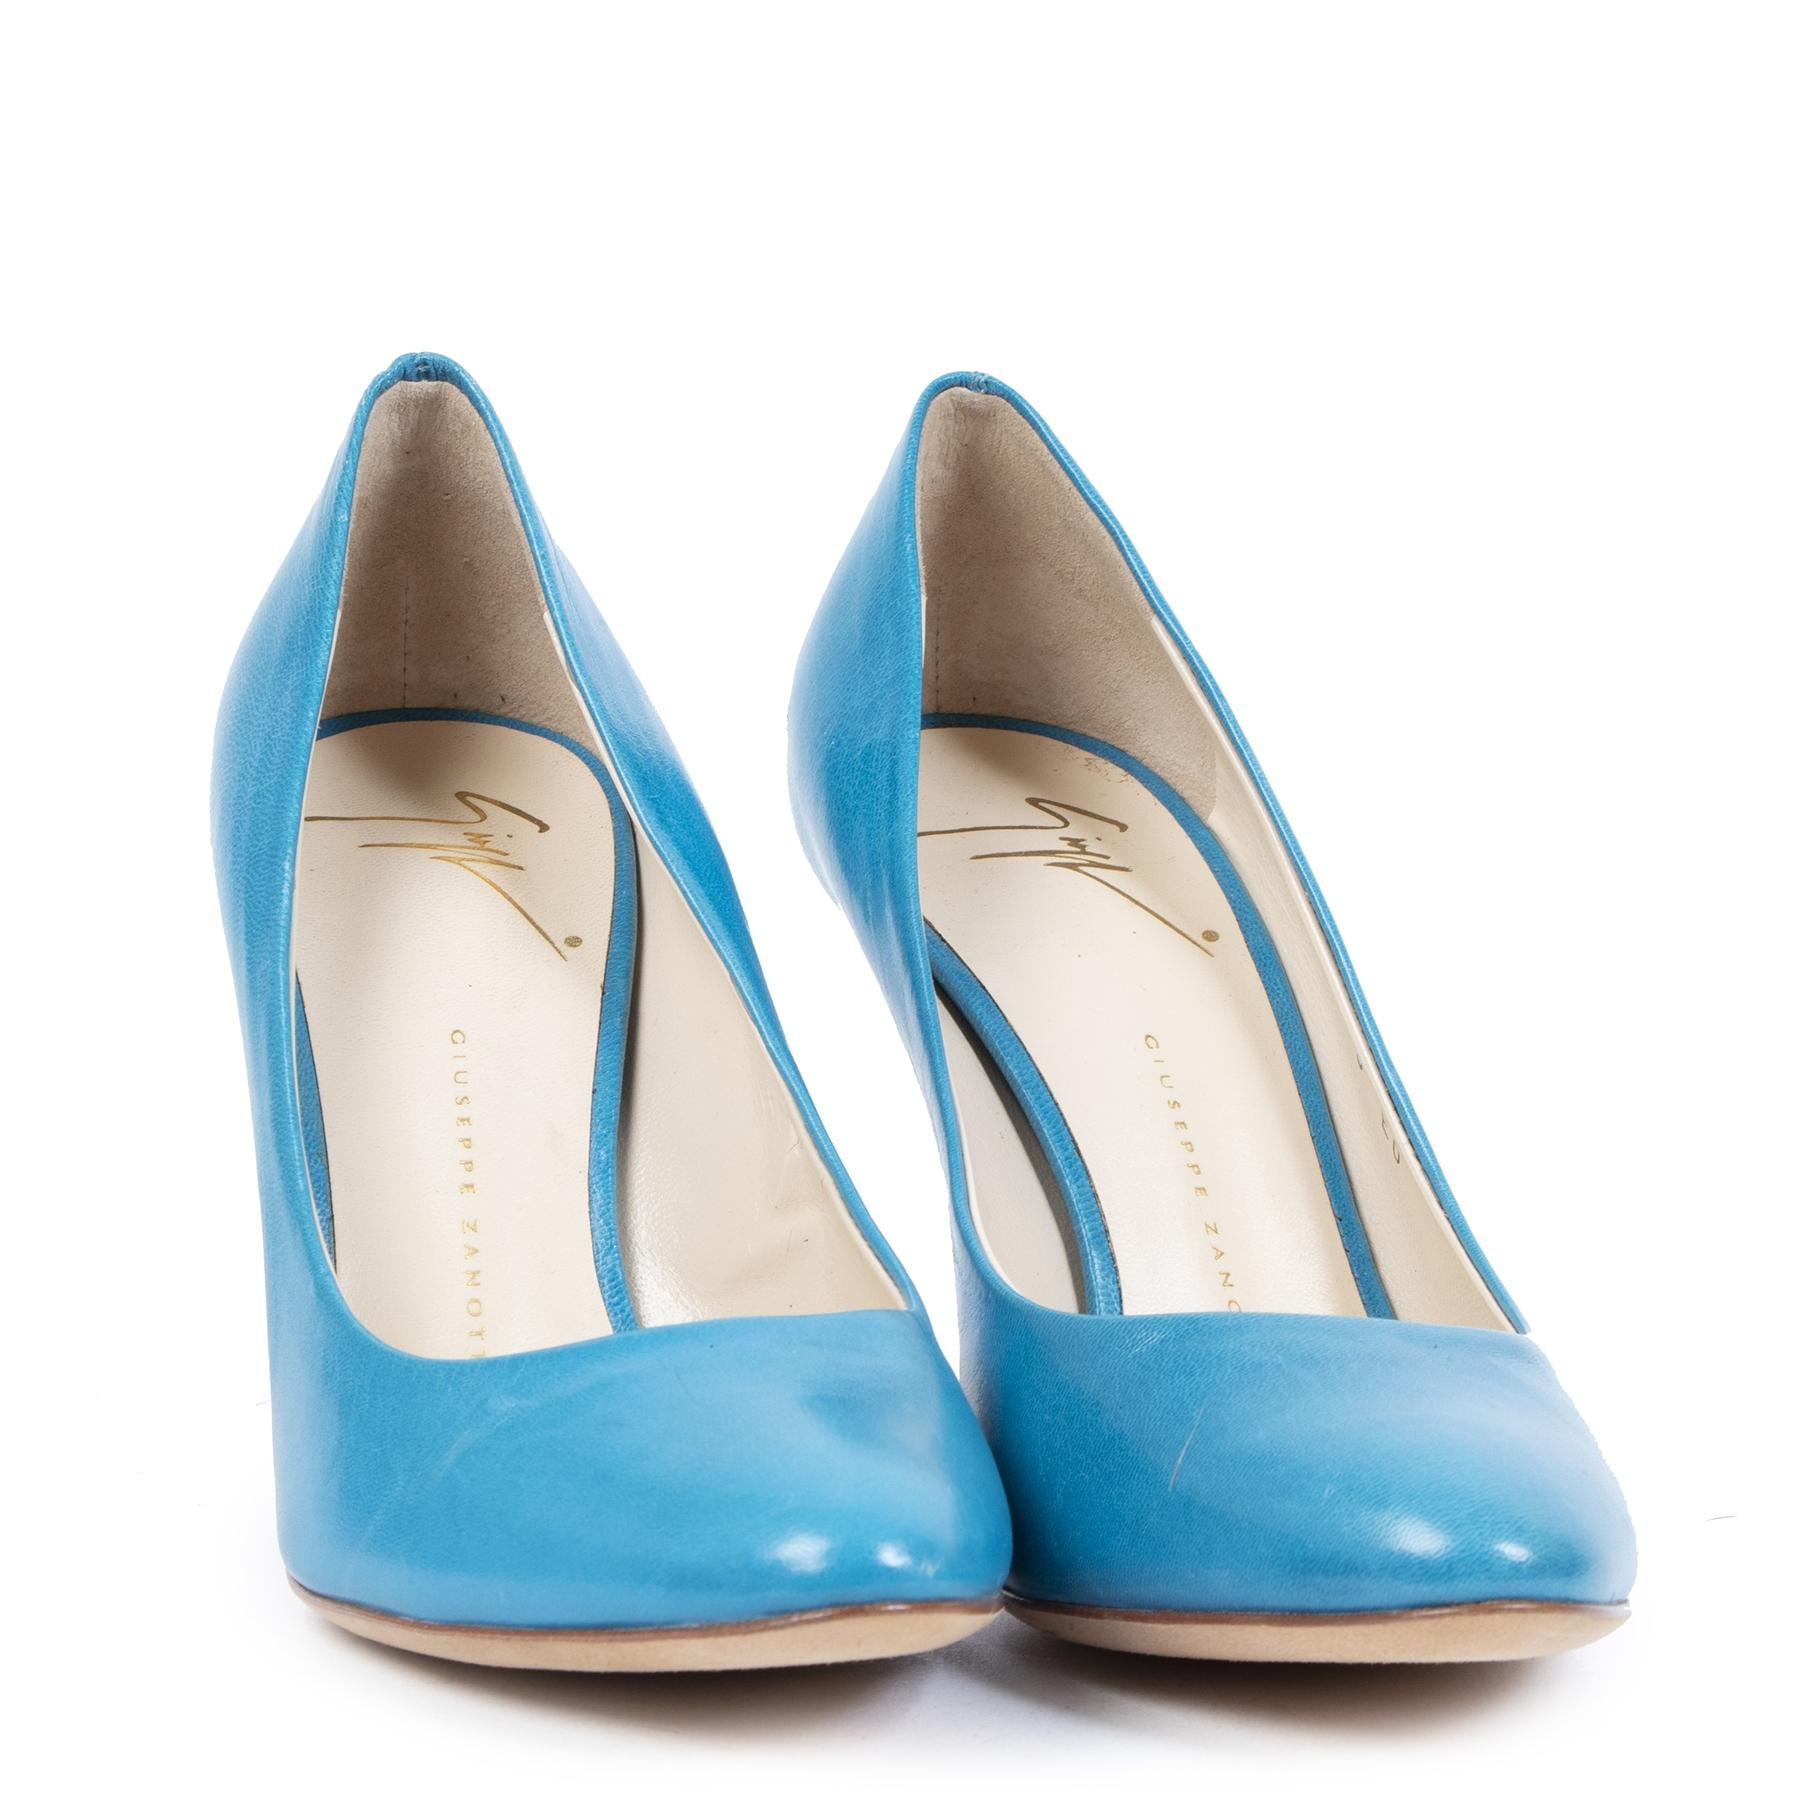 Authentieke Tweedehands Giuseppe Zanotti Turquoise Heels - size 36 juiste prijs veilig online shoppen schoenen hakken vintage online webshop luxe mode fashion designer schoenen veilig online betalen winkelen Antwerpen België